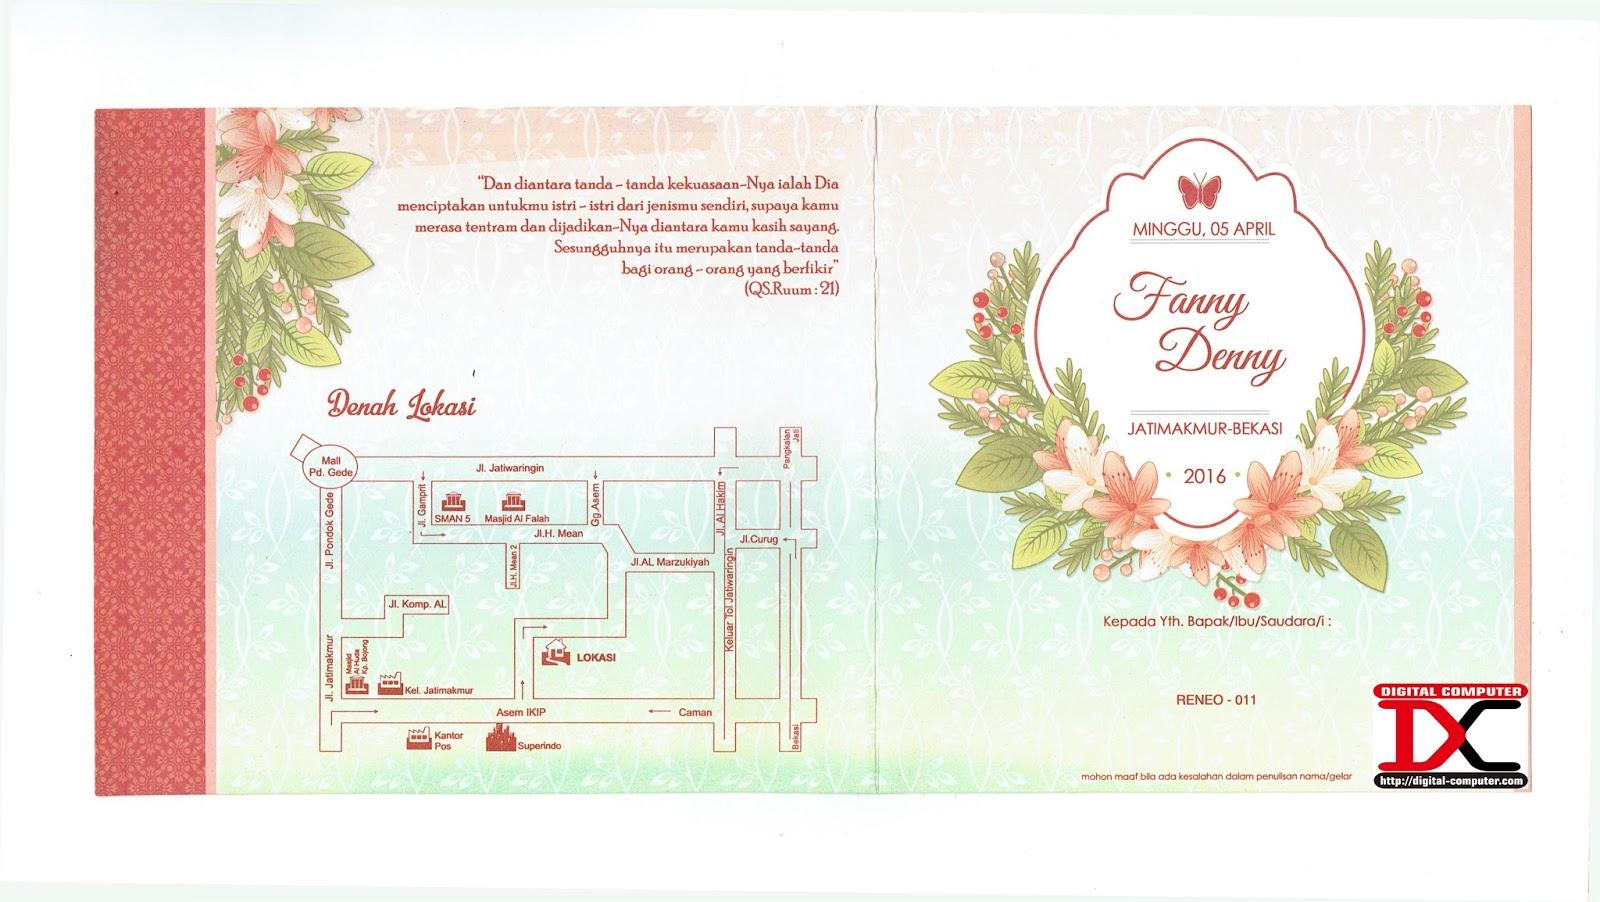 undangan pernikahan harga 2000an rupiah